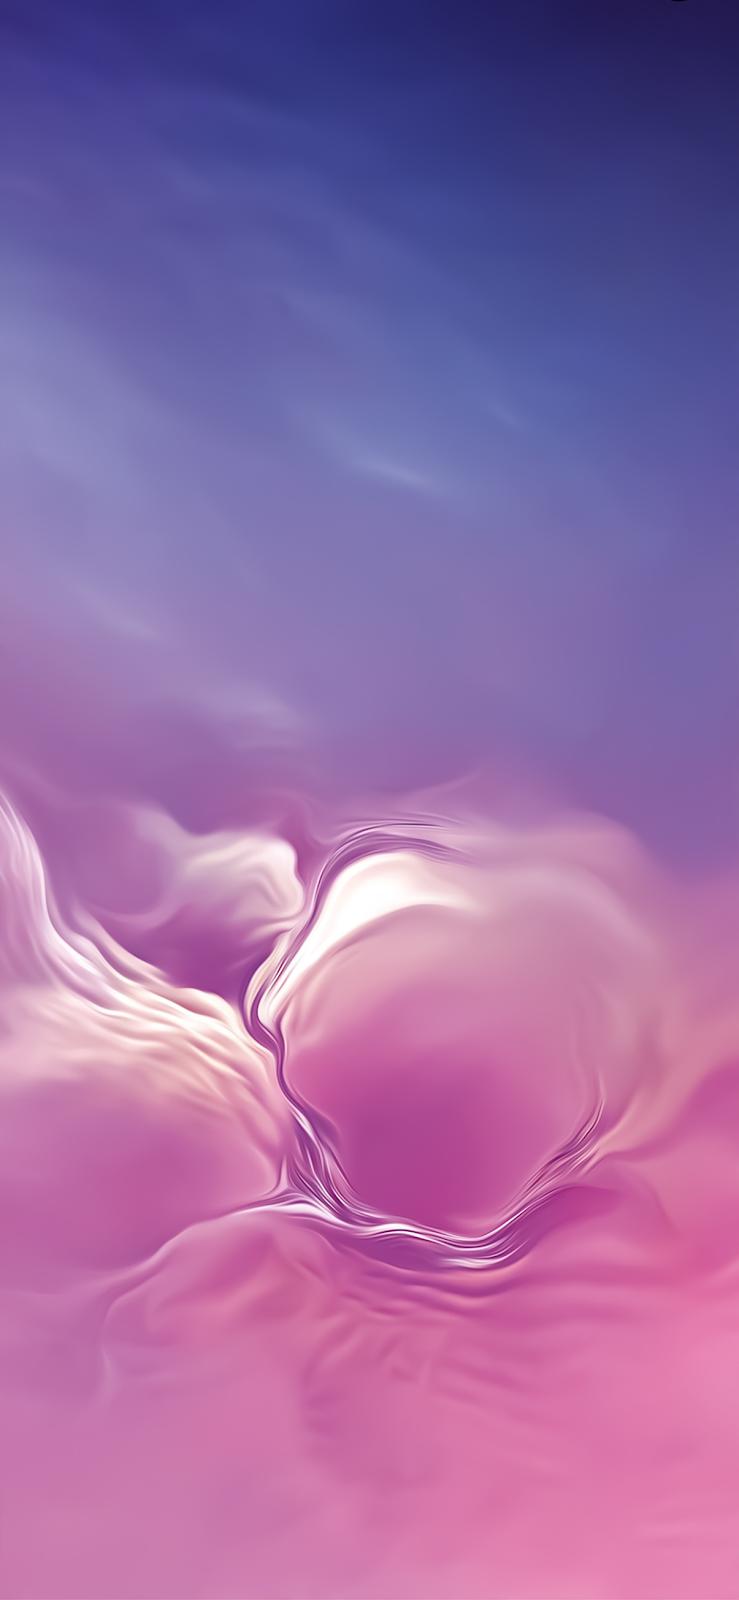 Hình nền Samsung hồng xinh đẹp